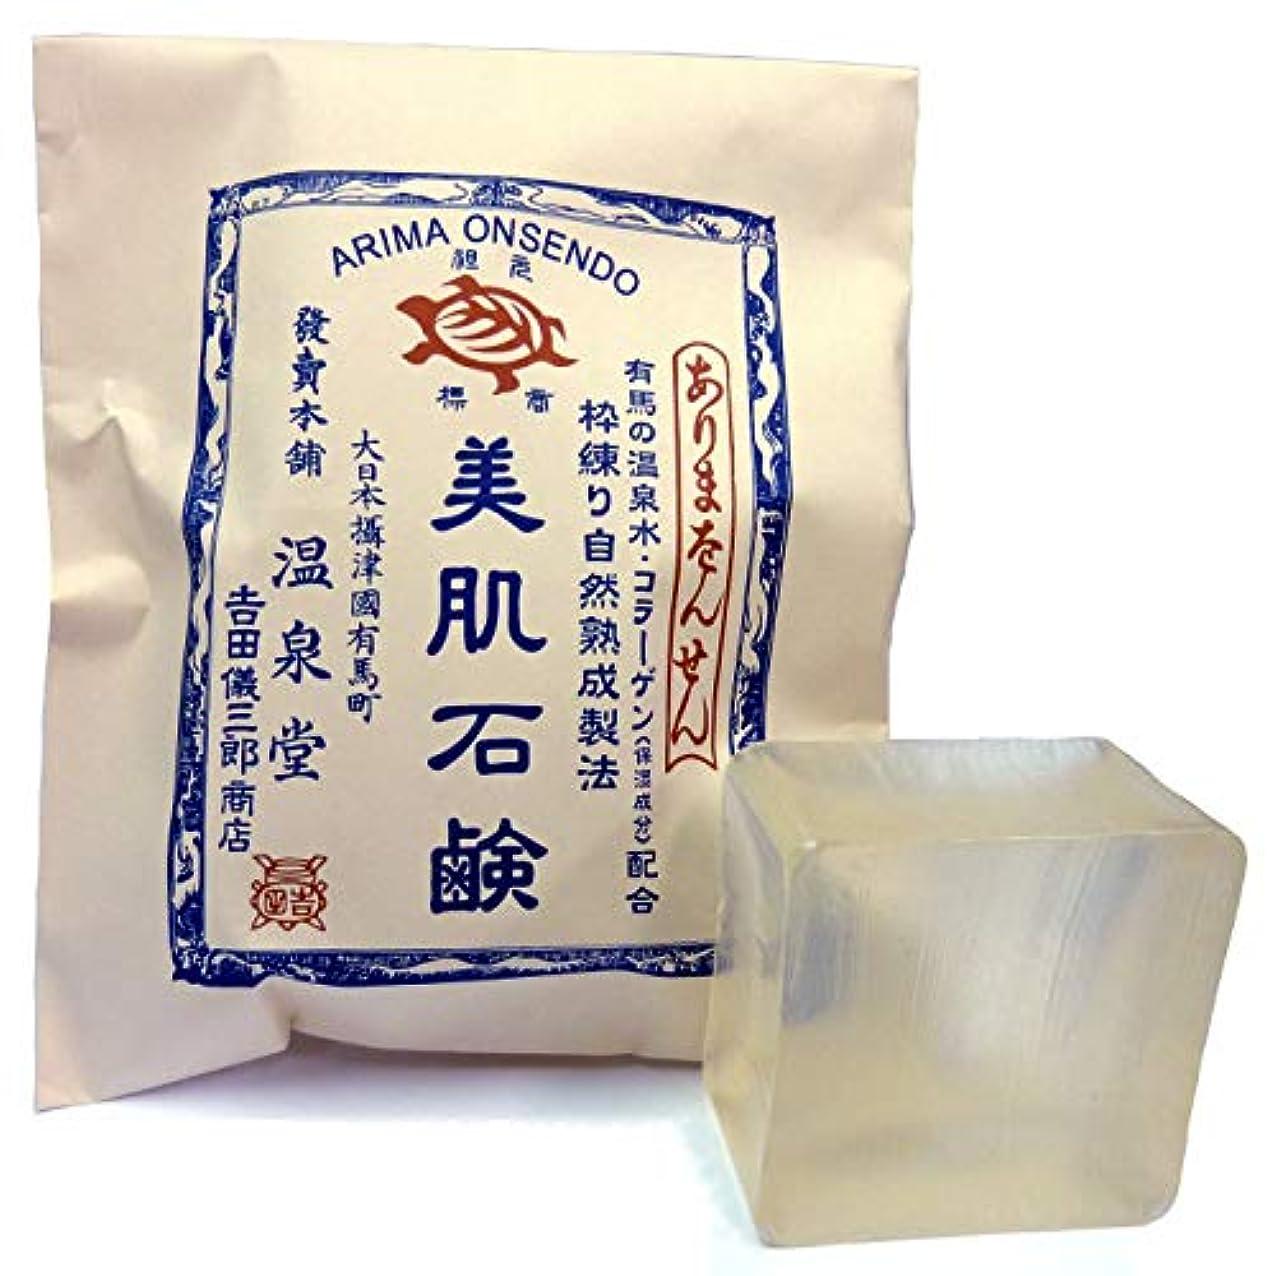 オーブンタブレットバトルカメ印 枠練自然熟成製法 美肌石鹸